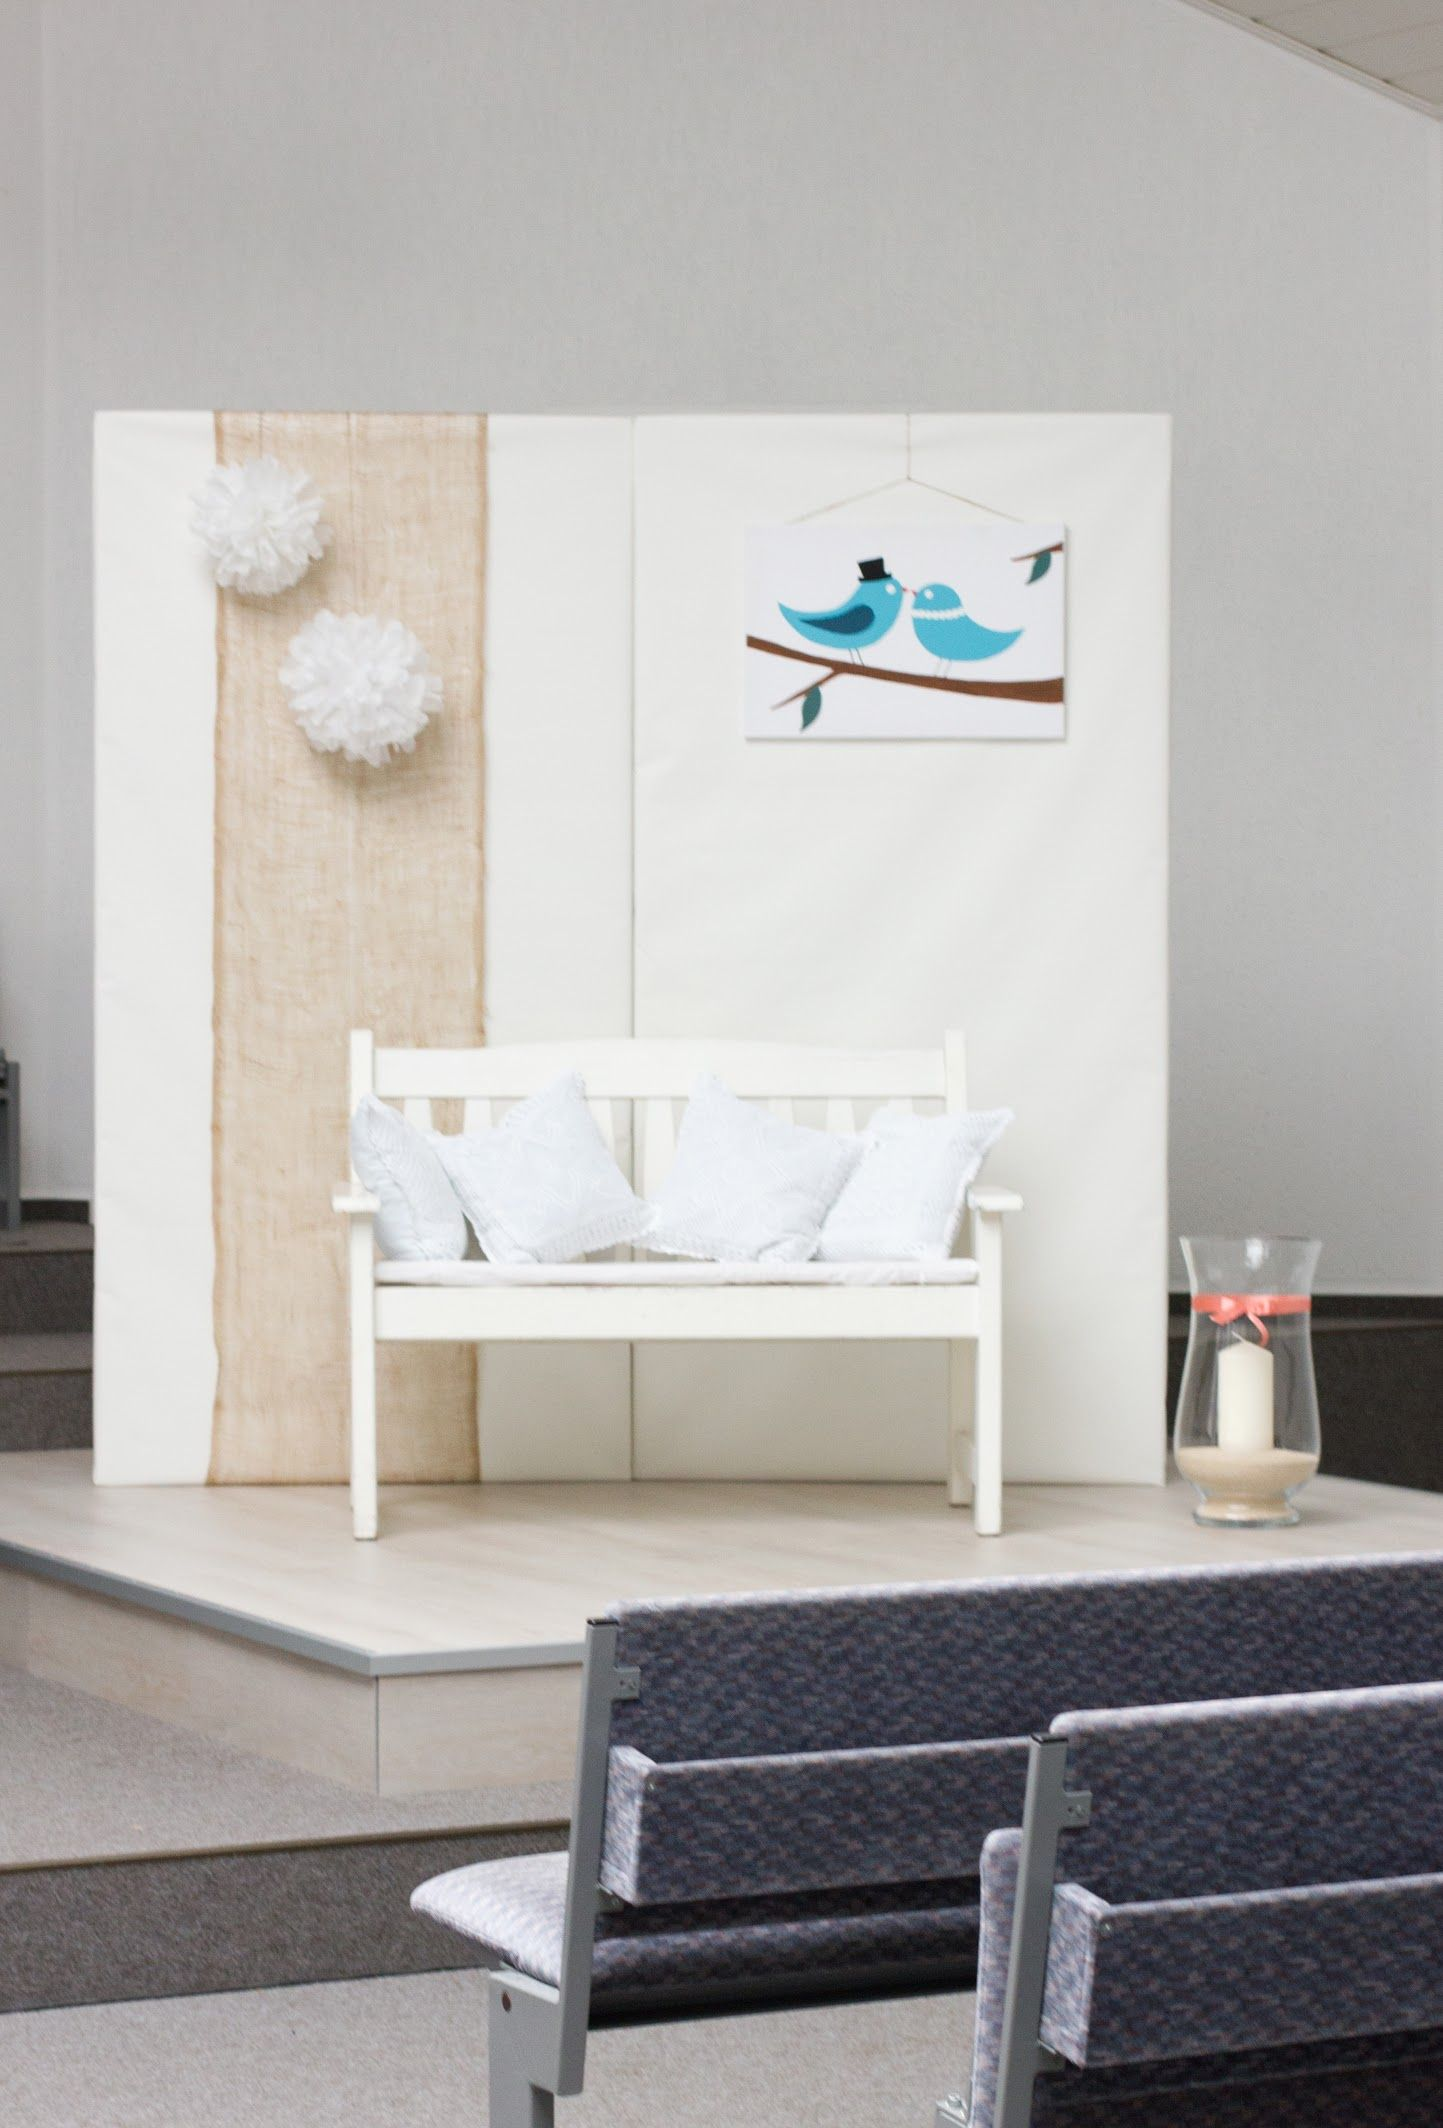 hintergrund wand f r das brautpaar meine hochzeit pinterest brautpaar hochzeit. Black Bedroom Furniture Sets. Home Design Ideas